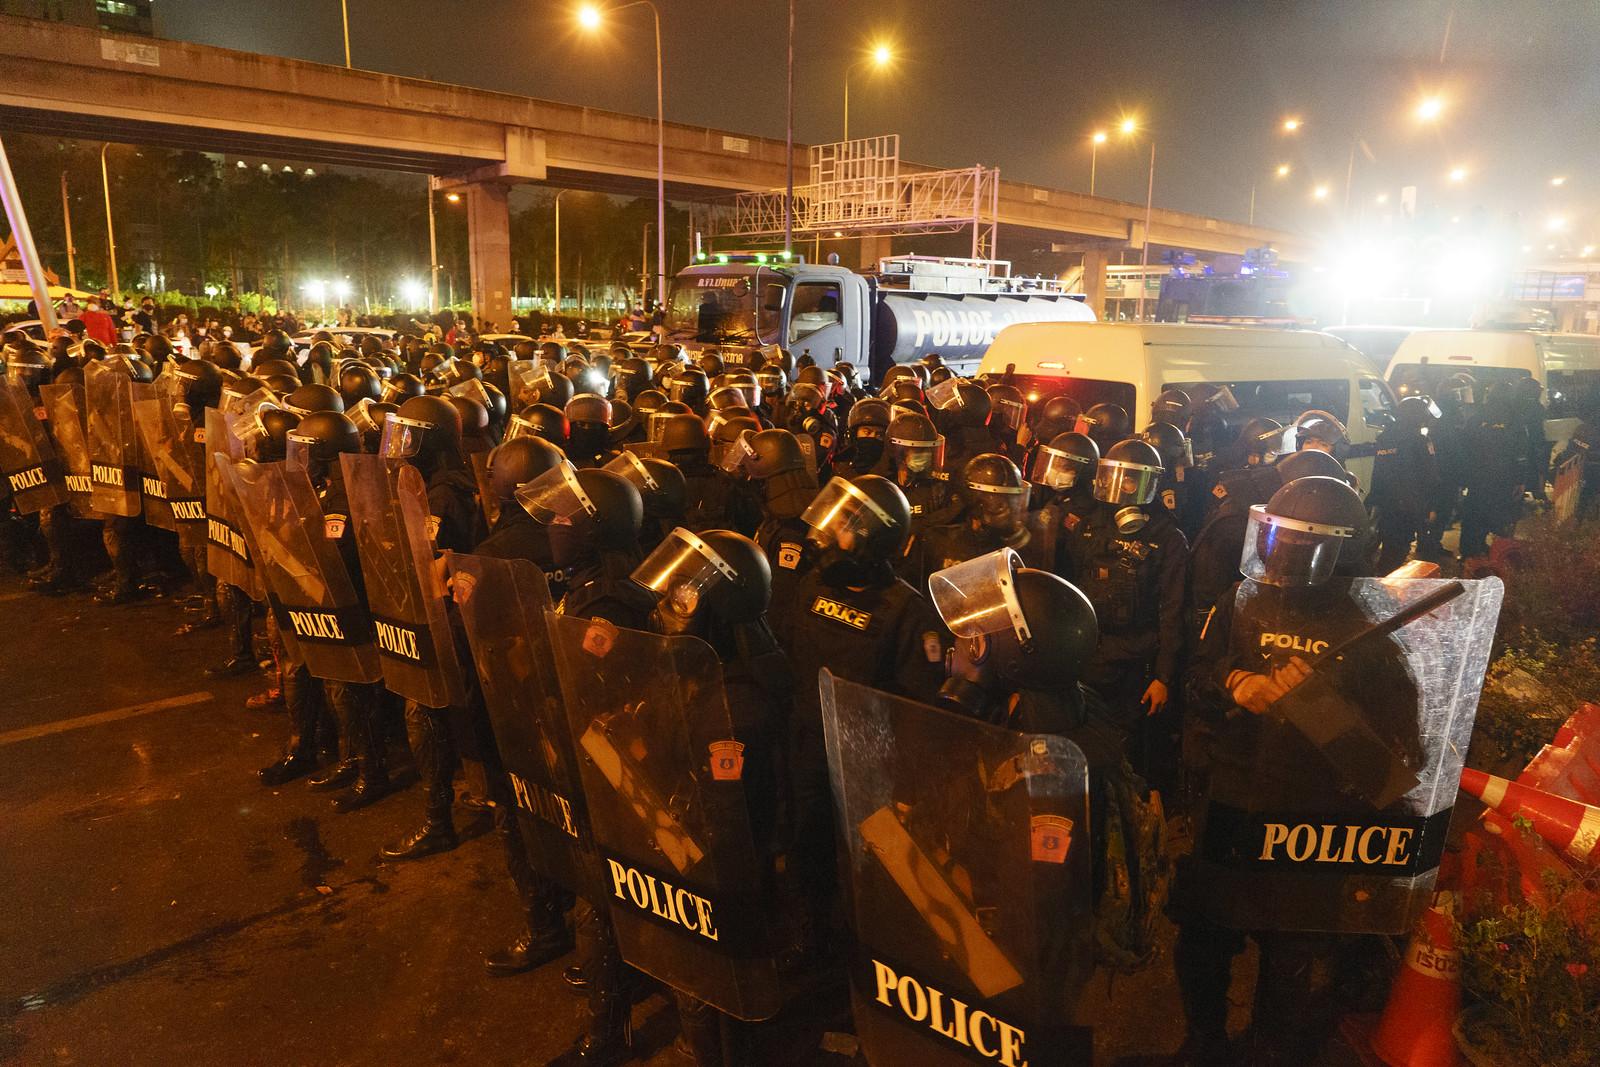 ตำรวจชุดคุมฝูงชนขณะปฏิบัติหน้าที่เมื่อ 28 ก.พ.2564